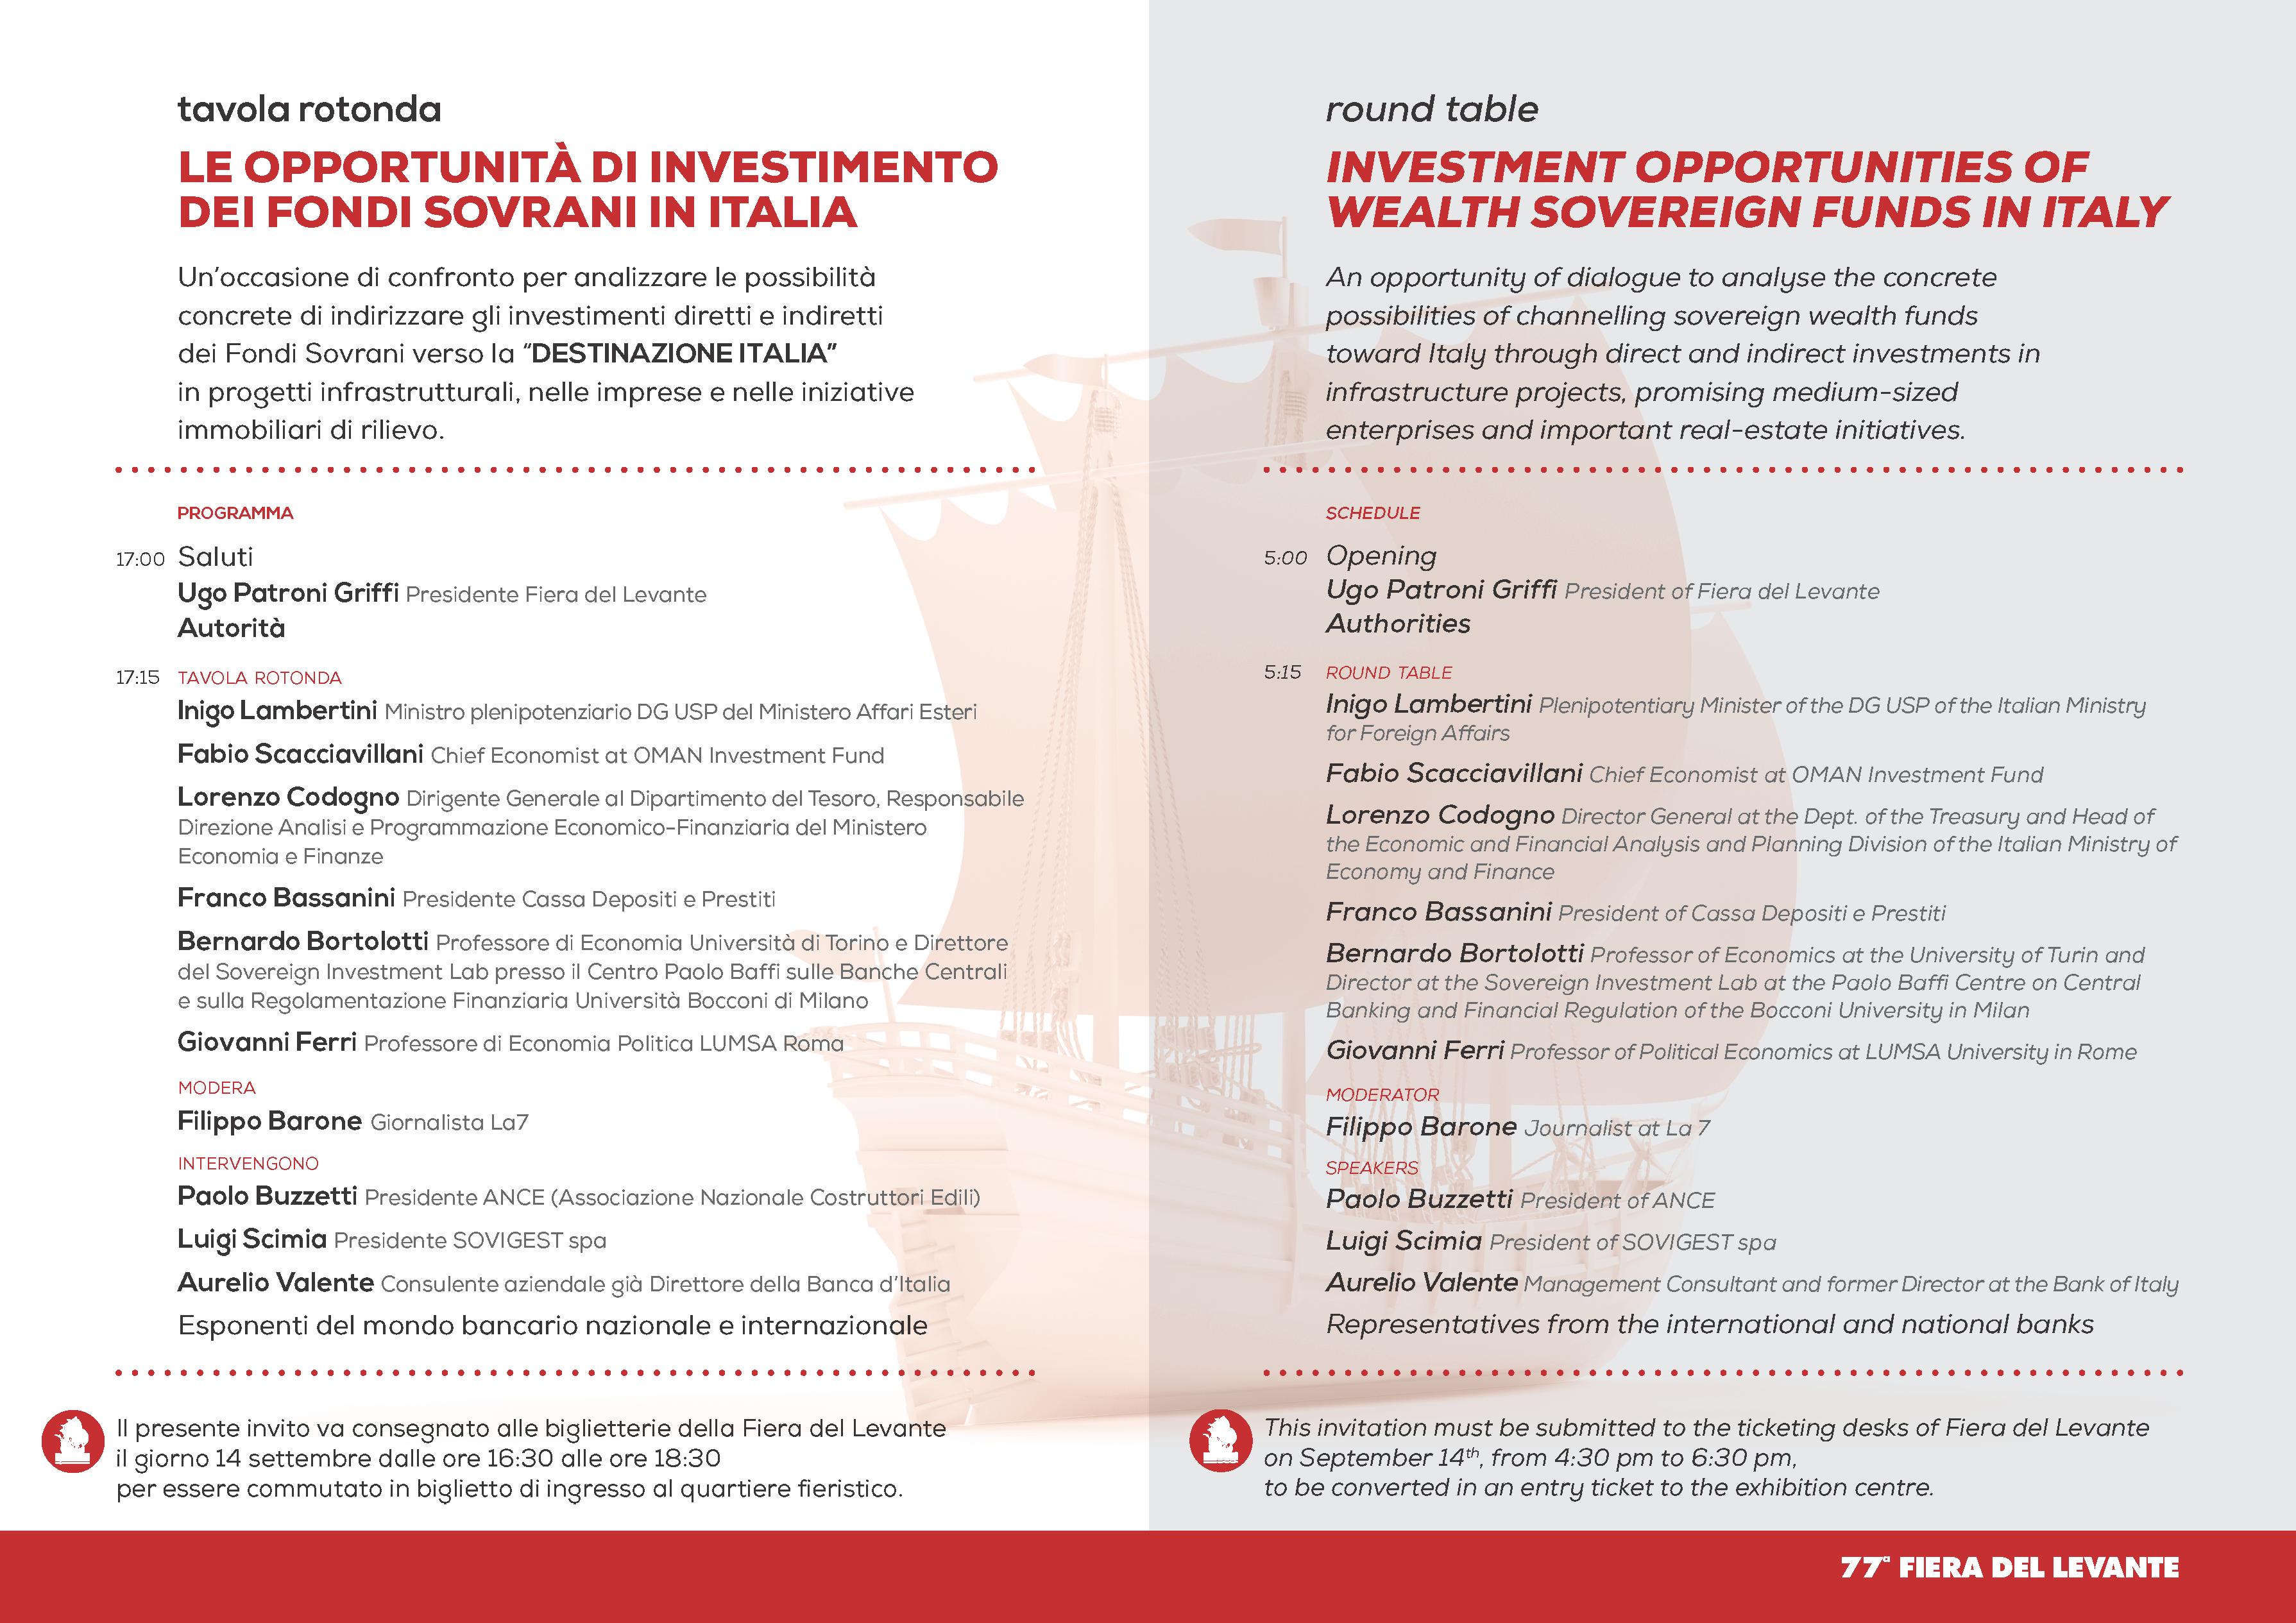 4.9.13 fdl2013 invito tavola rotonda -opportinvest[2]_Page_2